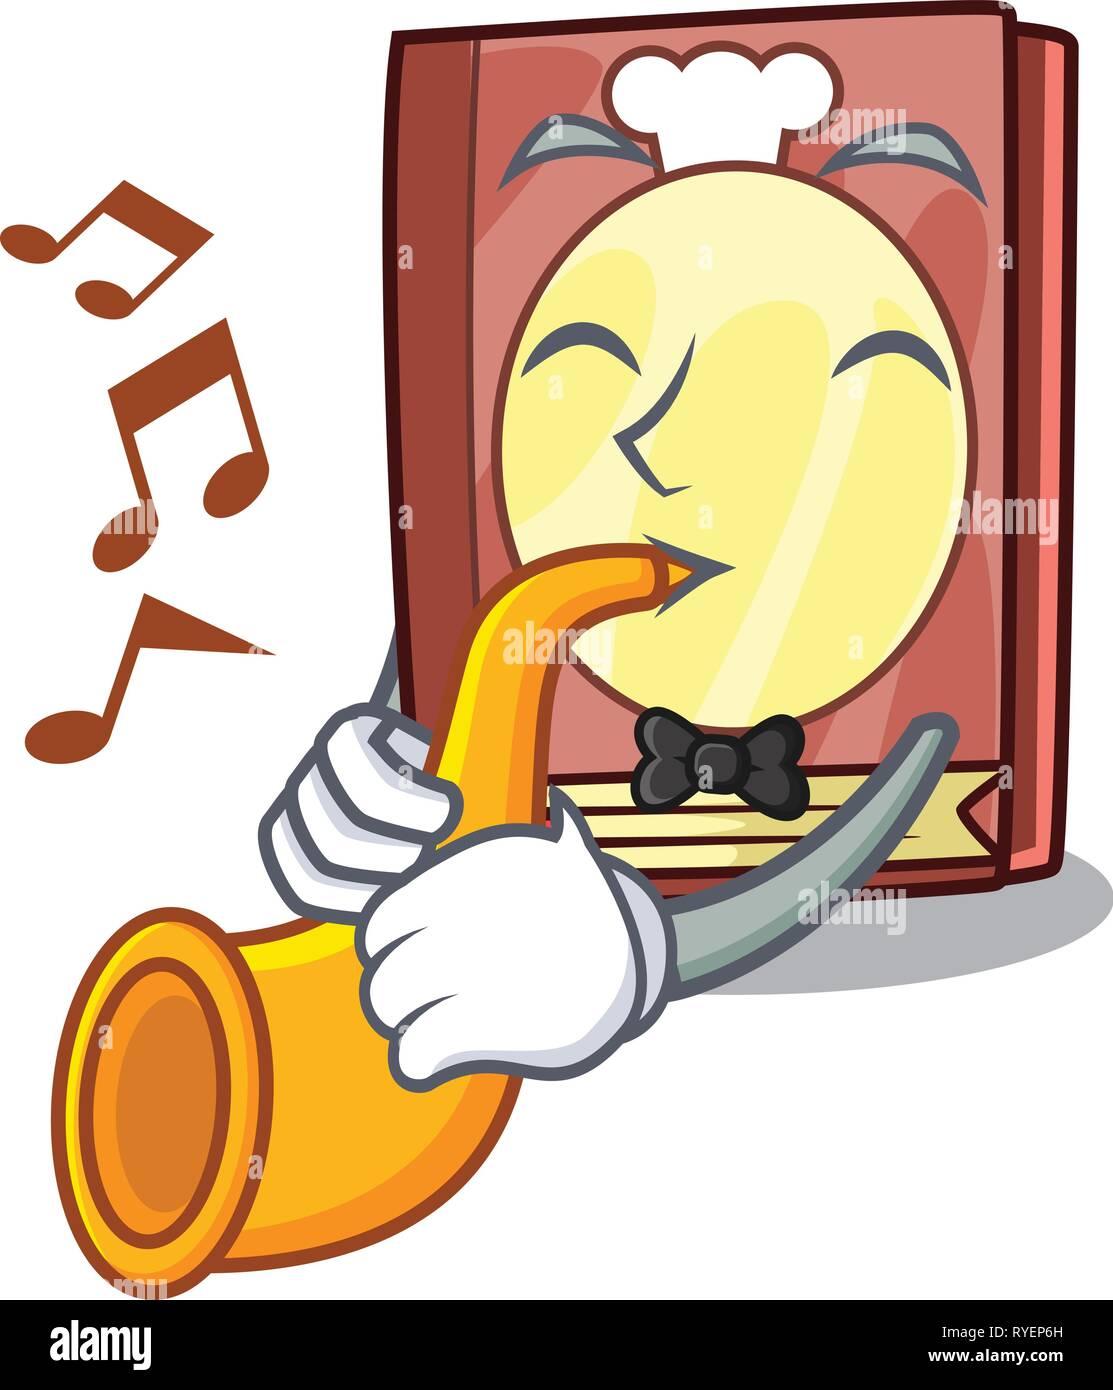 Trompette Avec Livre De Recettes Dans La Forme De Dessin